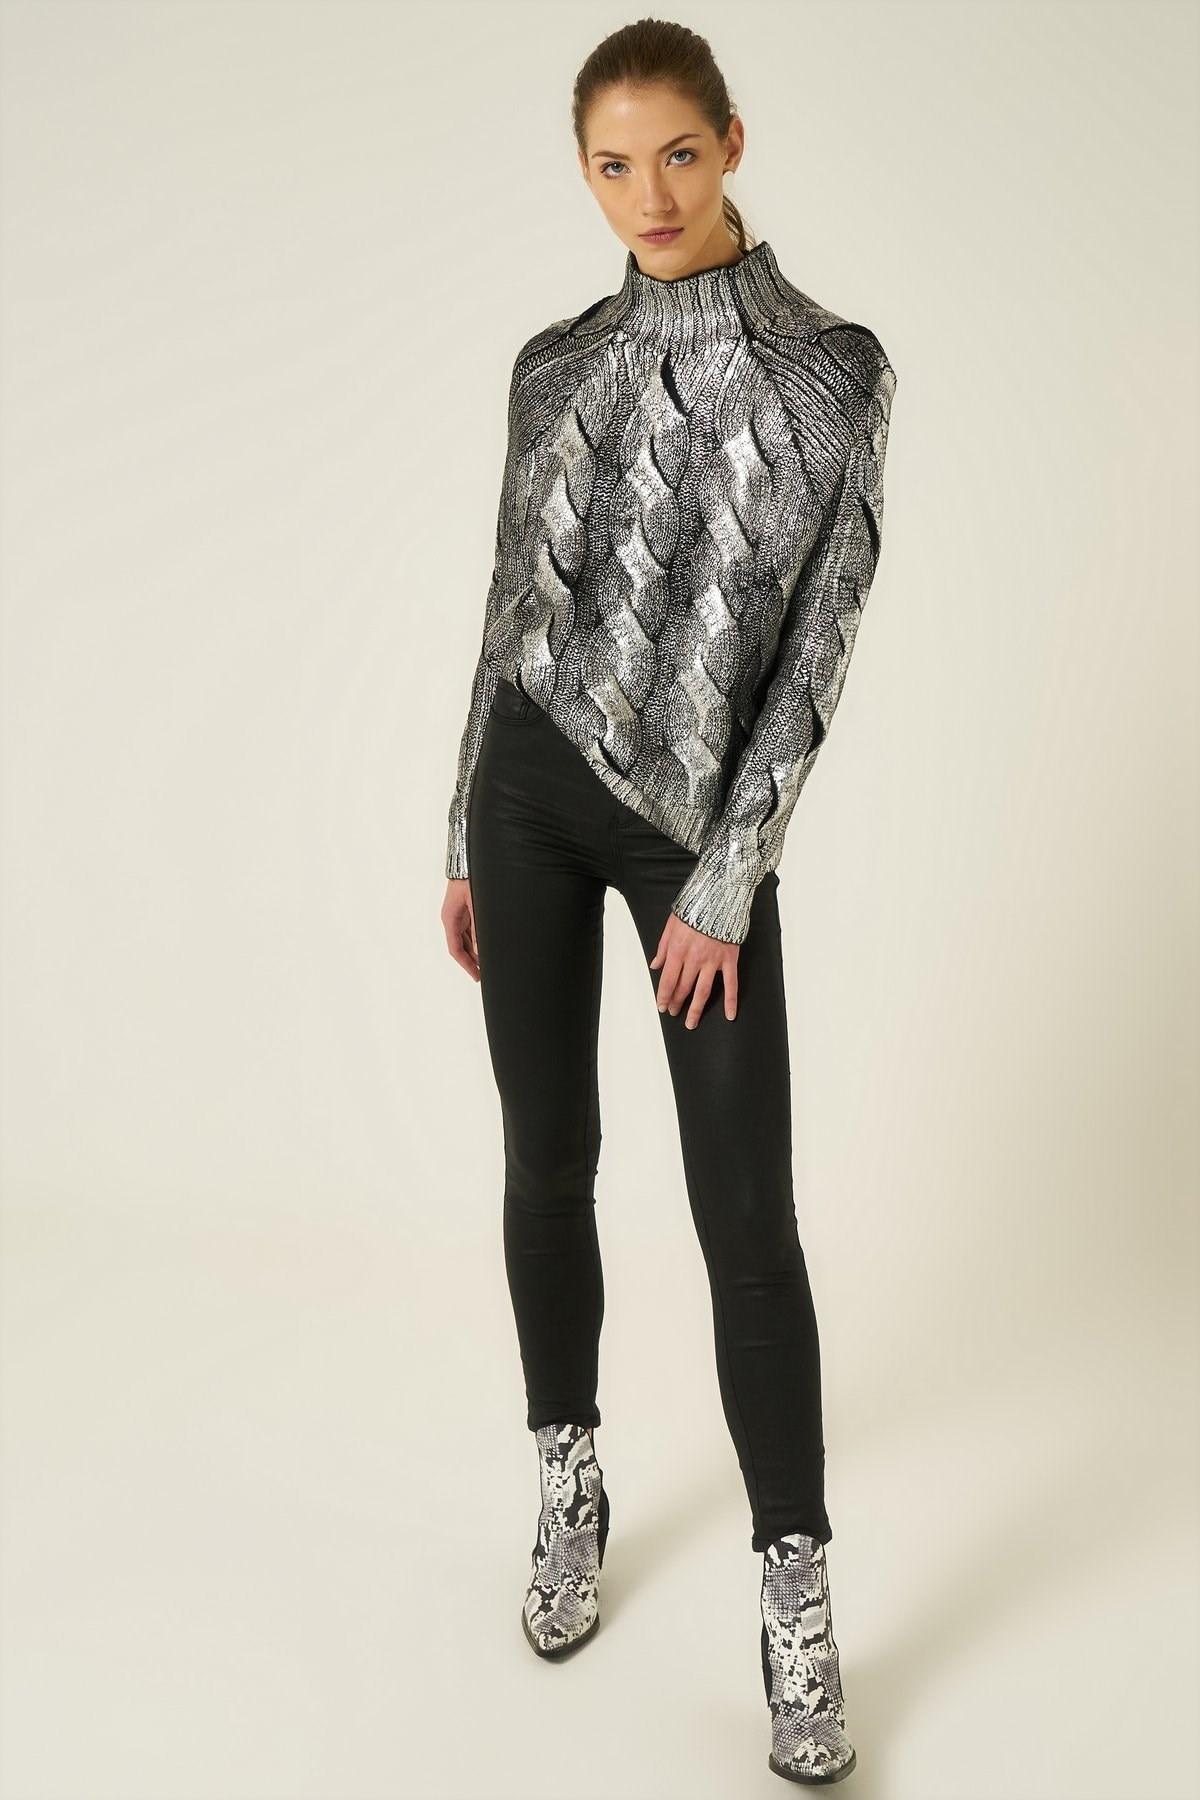 Suéter de cuello alto Medio tejido de pelo impreso Suéter de invierno para hombre suéter informal hombre ajustado Jersey de punto